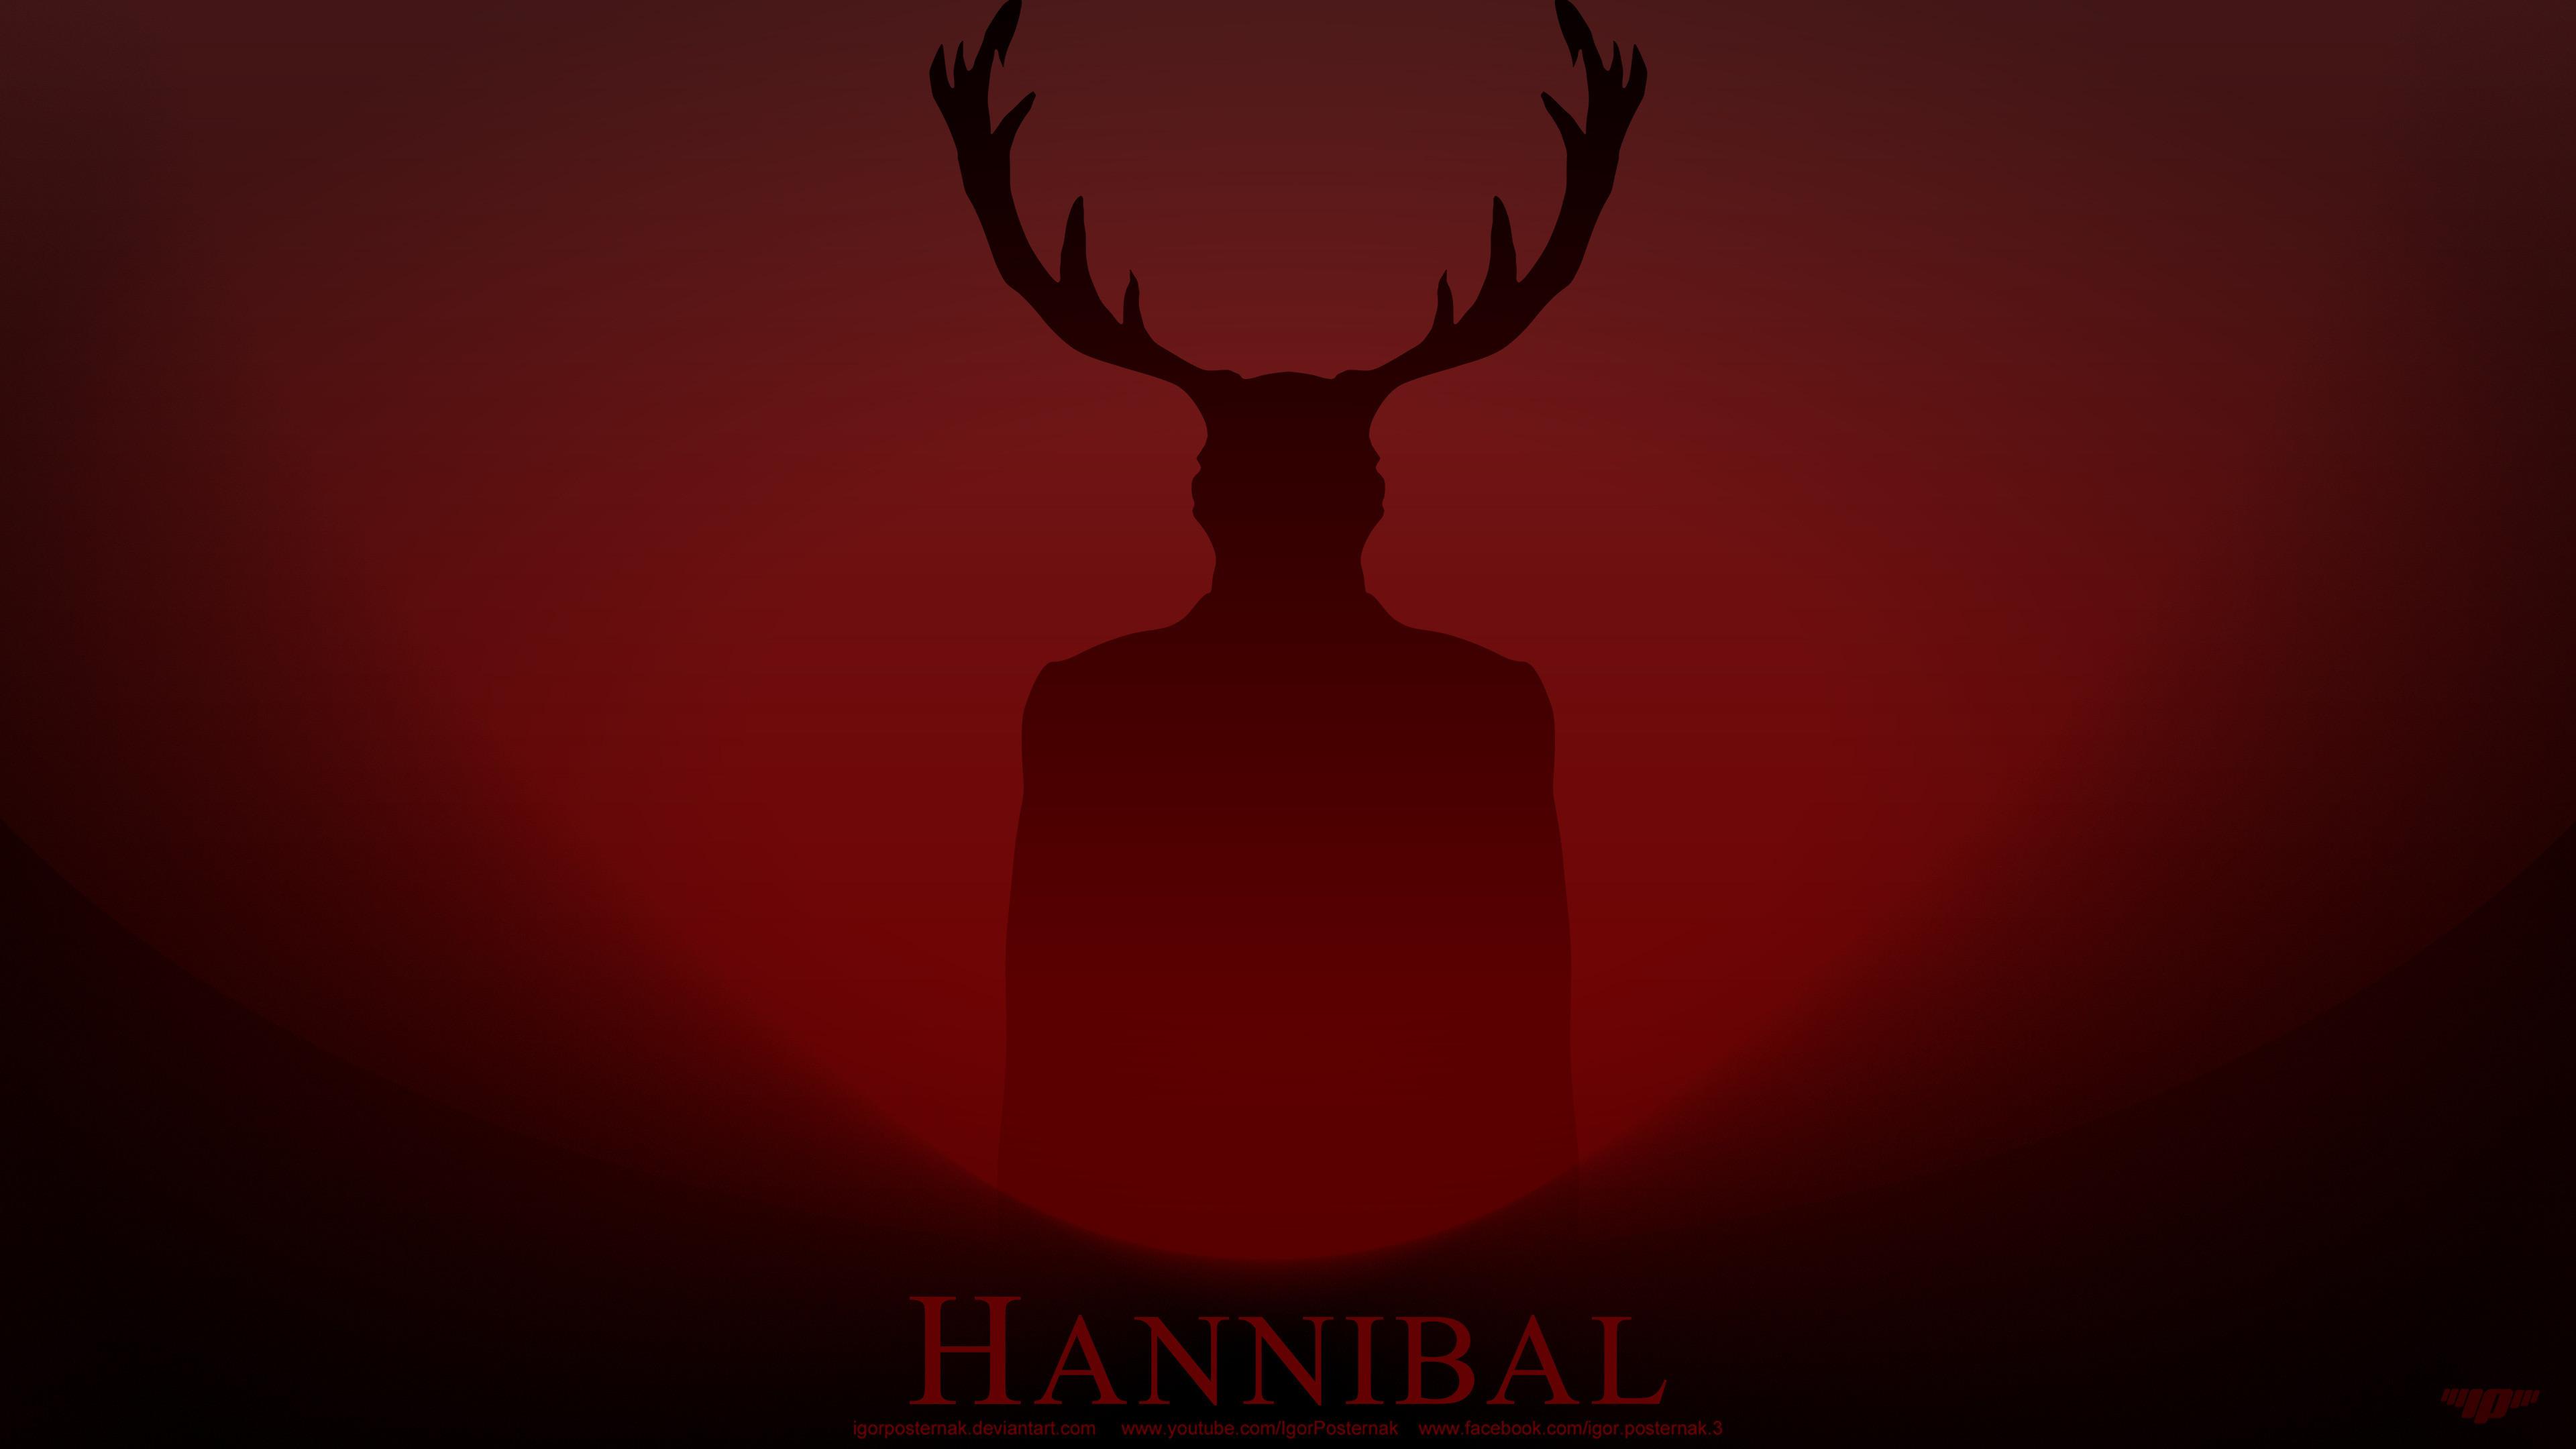 Res: 3840x2160, ... Hannibal HD Wallpaper